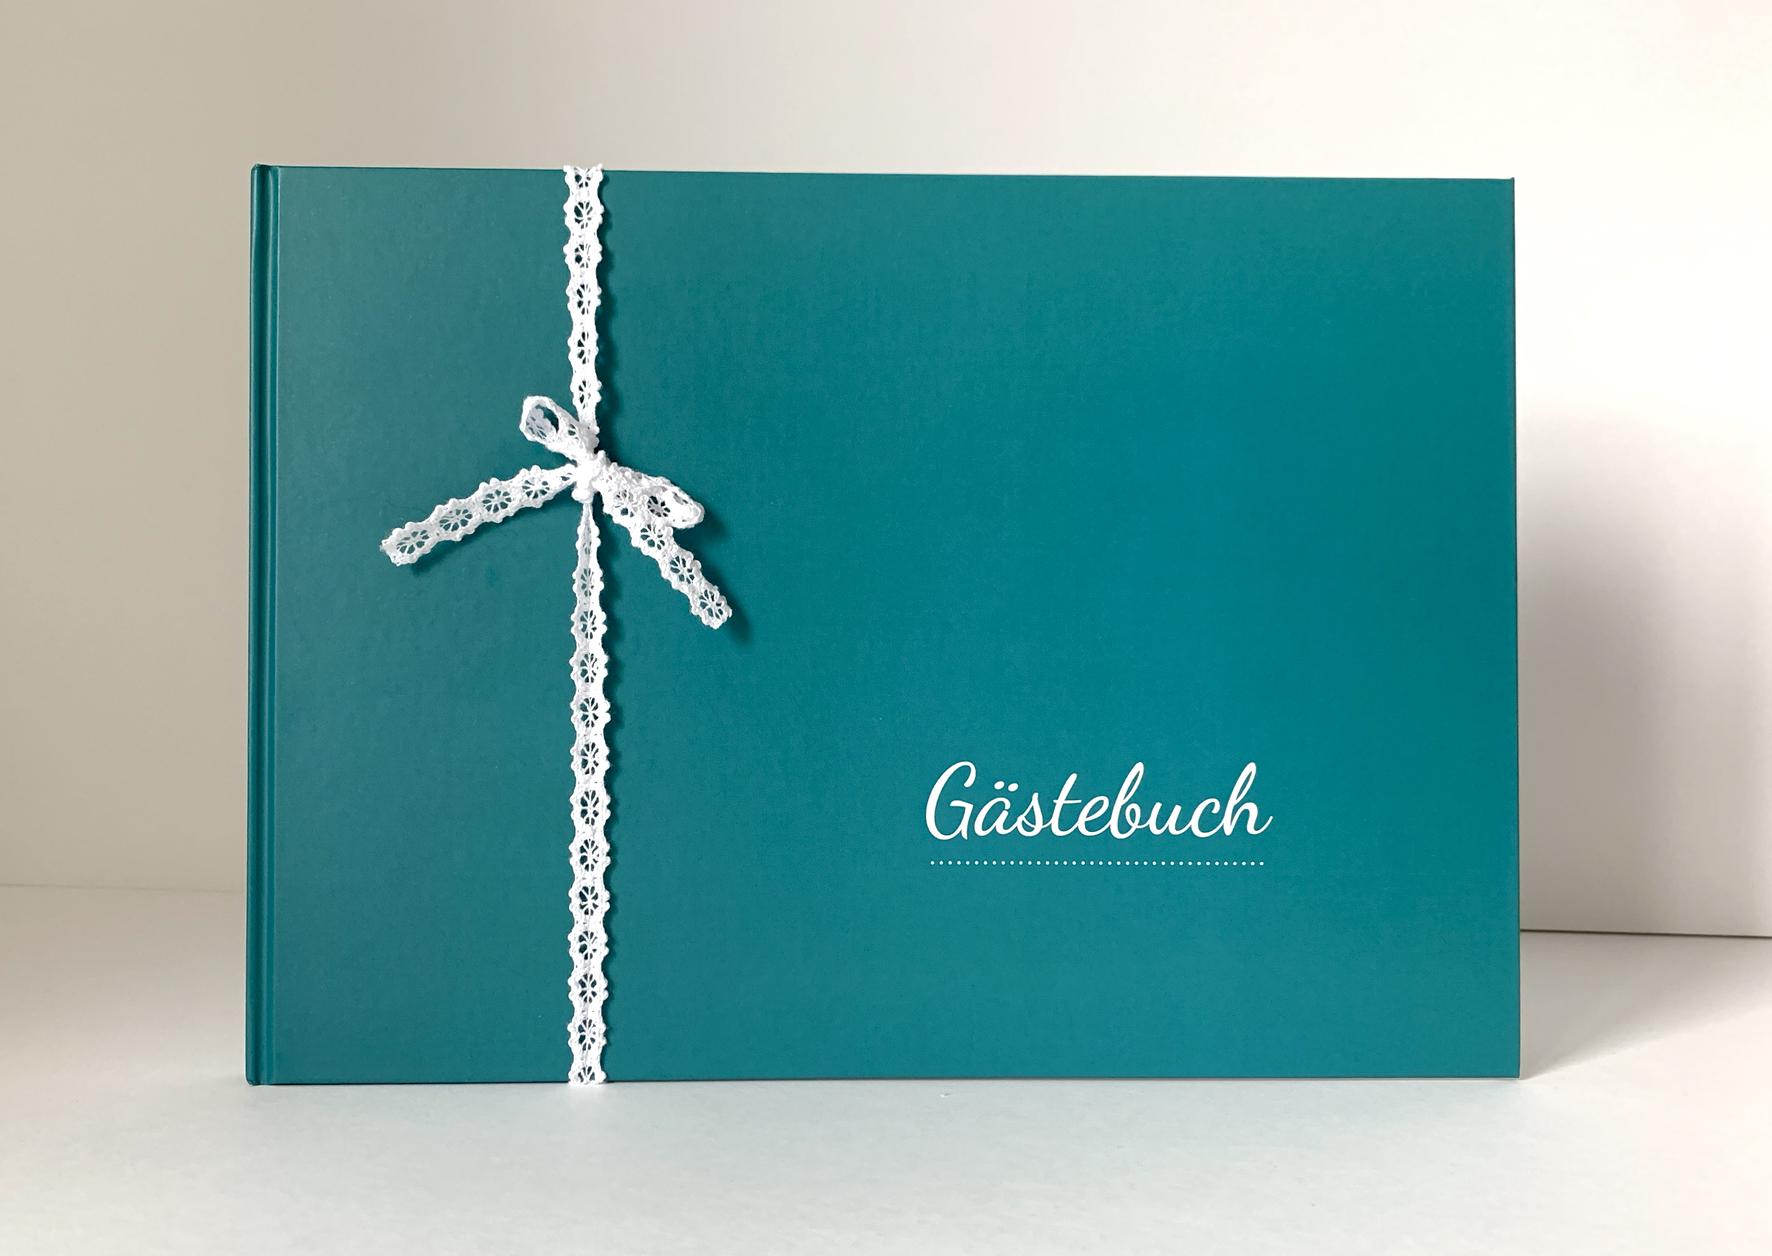 Gästebuch - Türkis (mit Fragen)